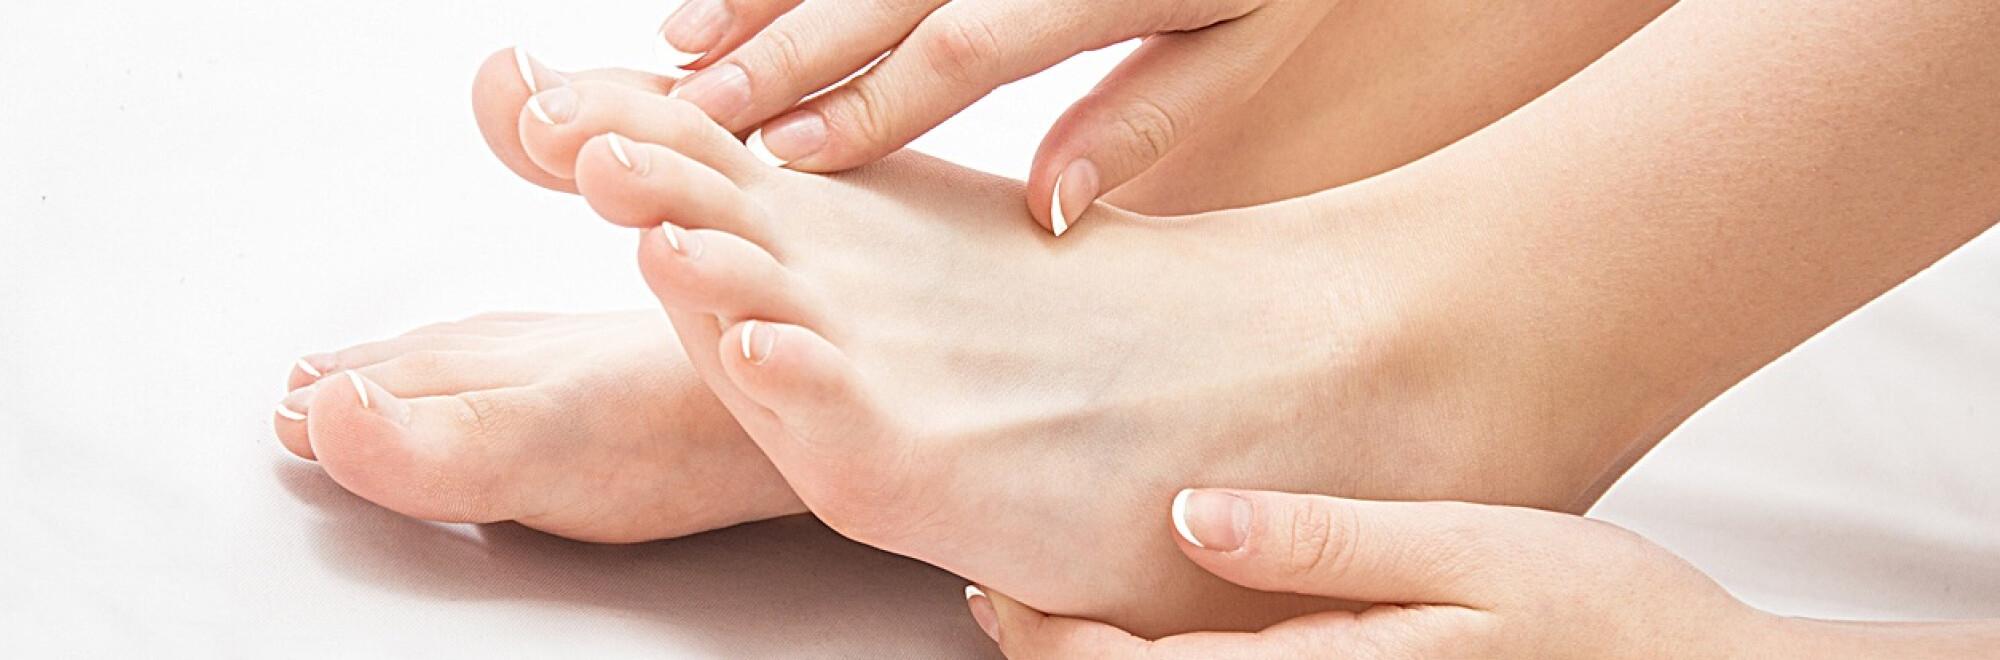 Durerea Articulară Și Umflarea Picioarelor